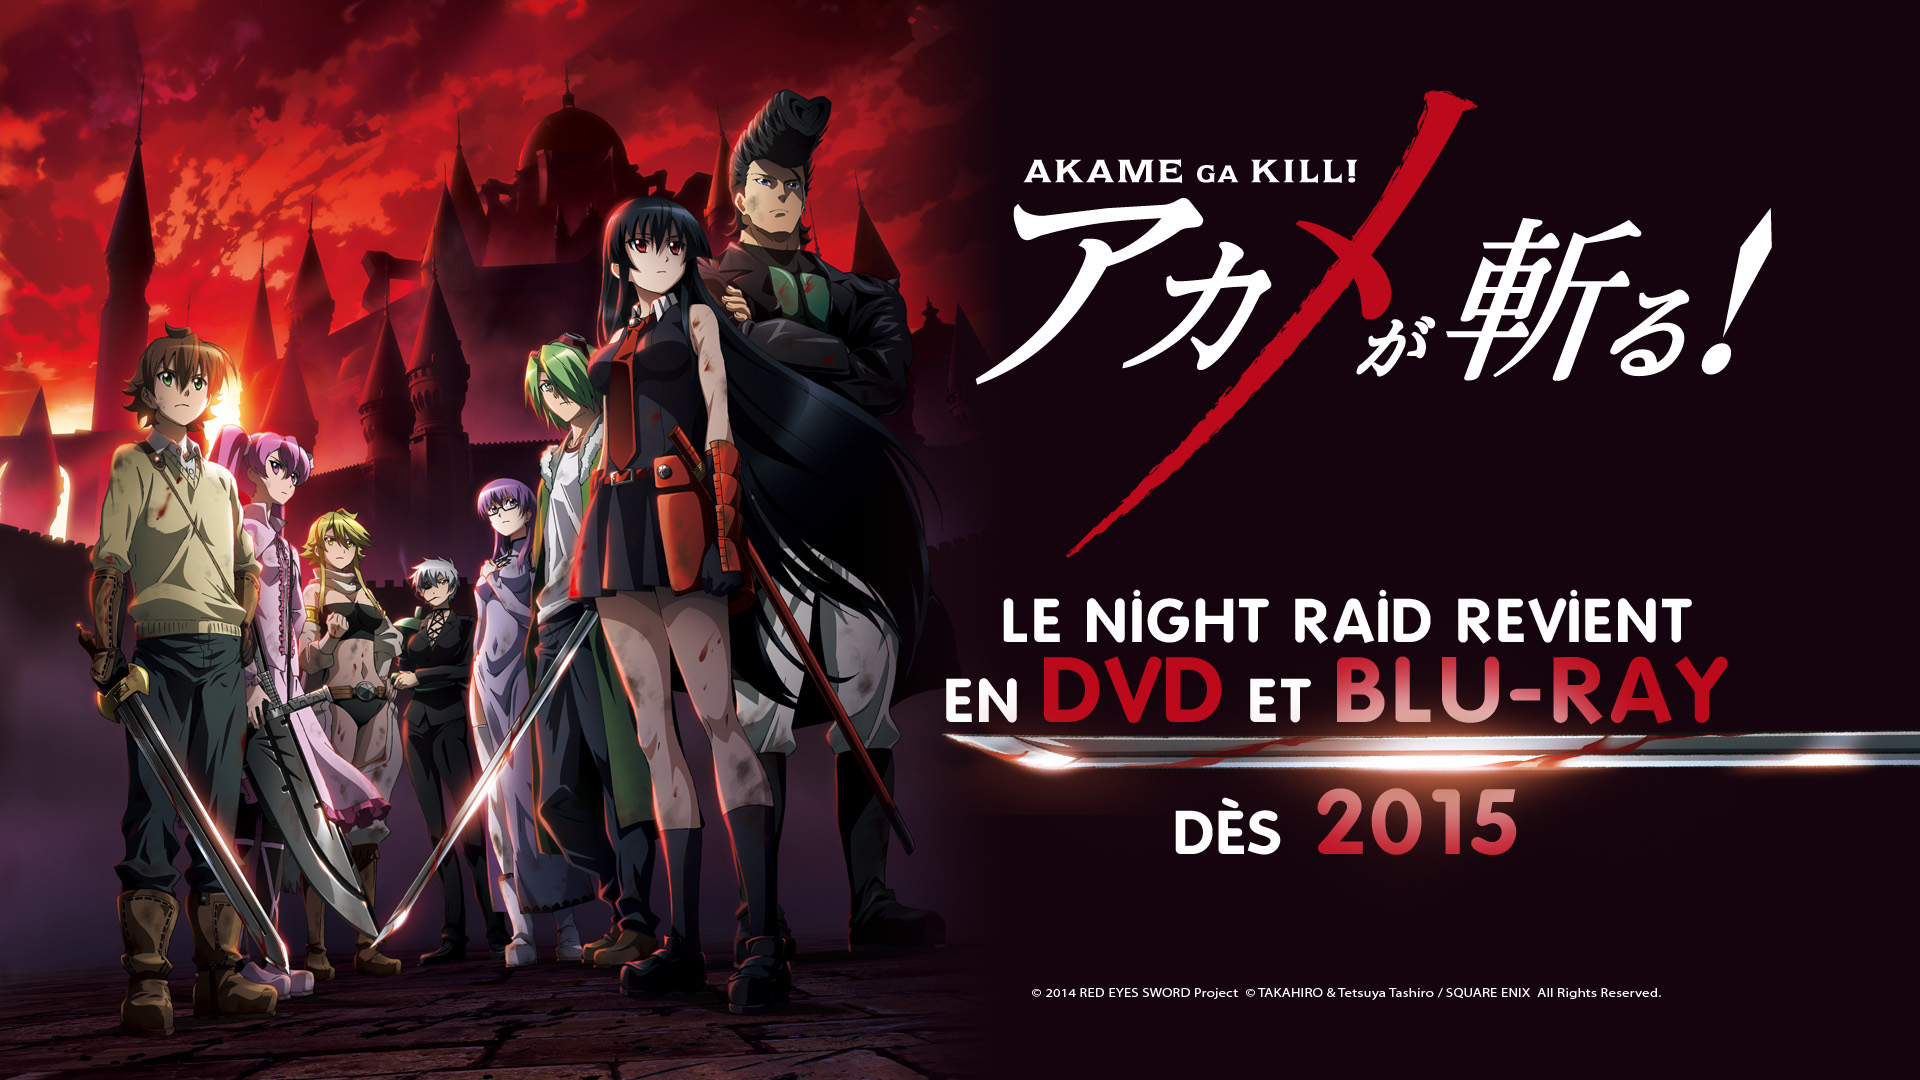 [AKAME GA KILL] La sortie DVD et Blu-ray pour 2015 !